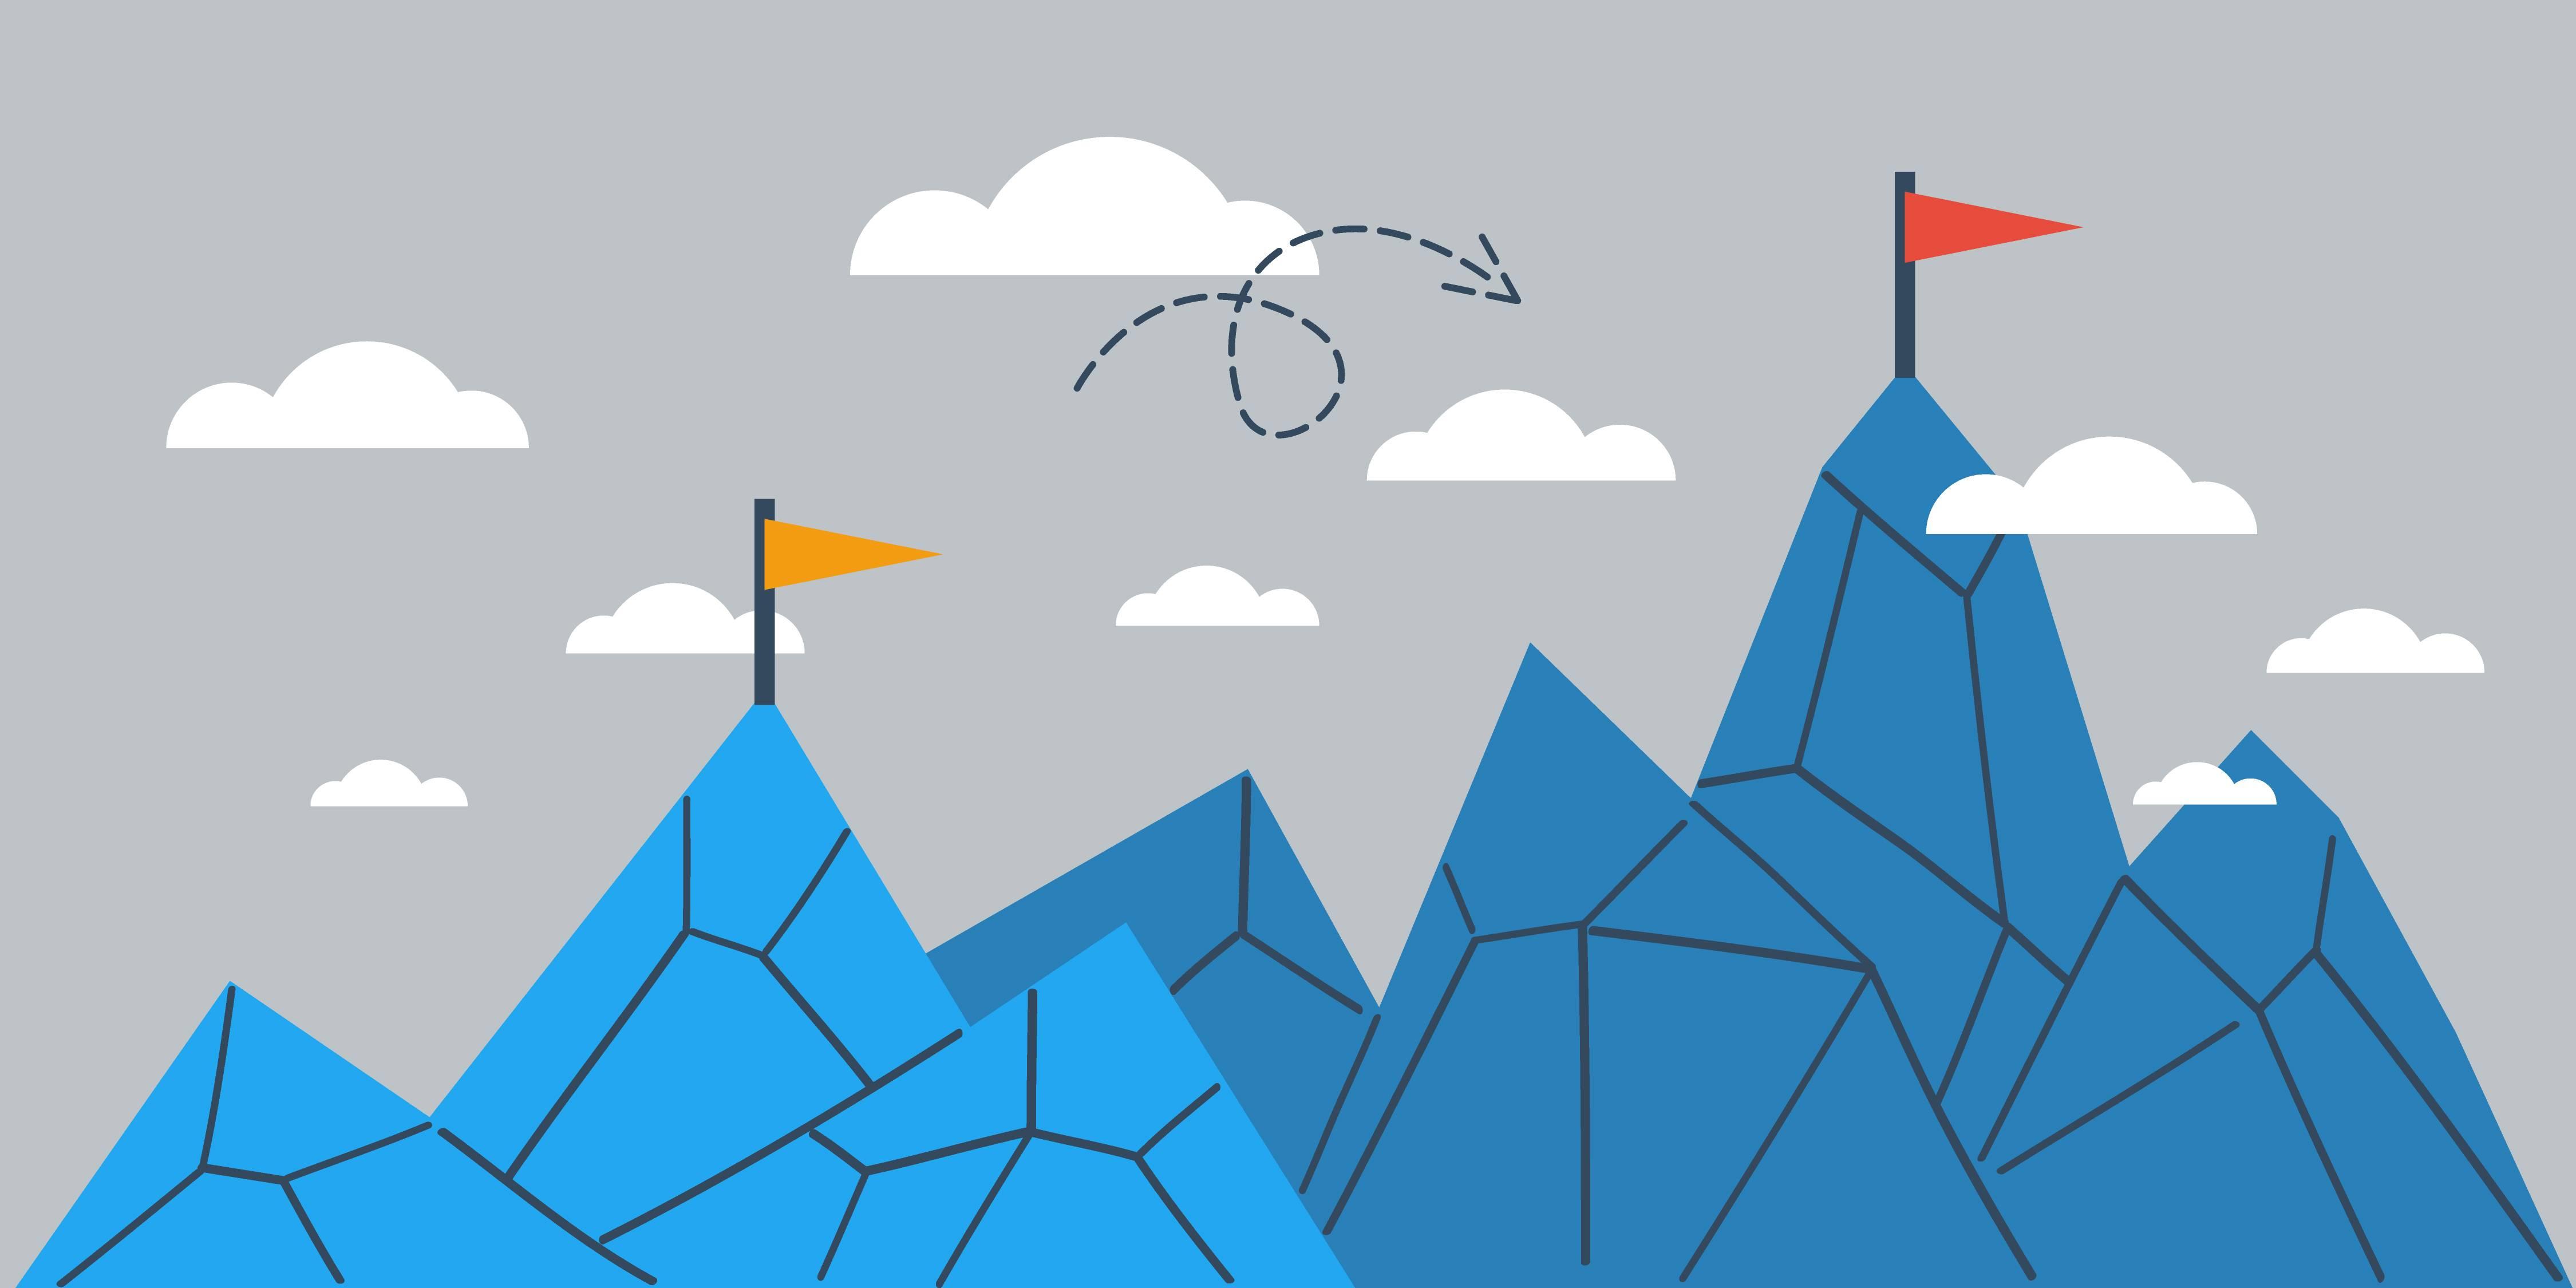 一文概览深度学习中的五大正则化方法和七大优化策略